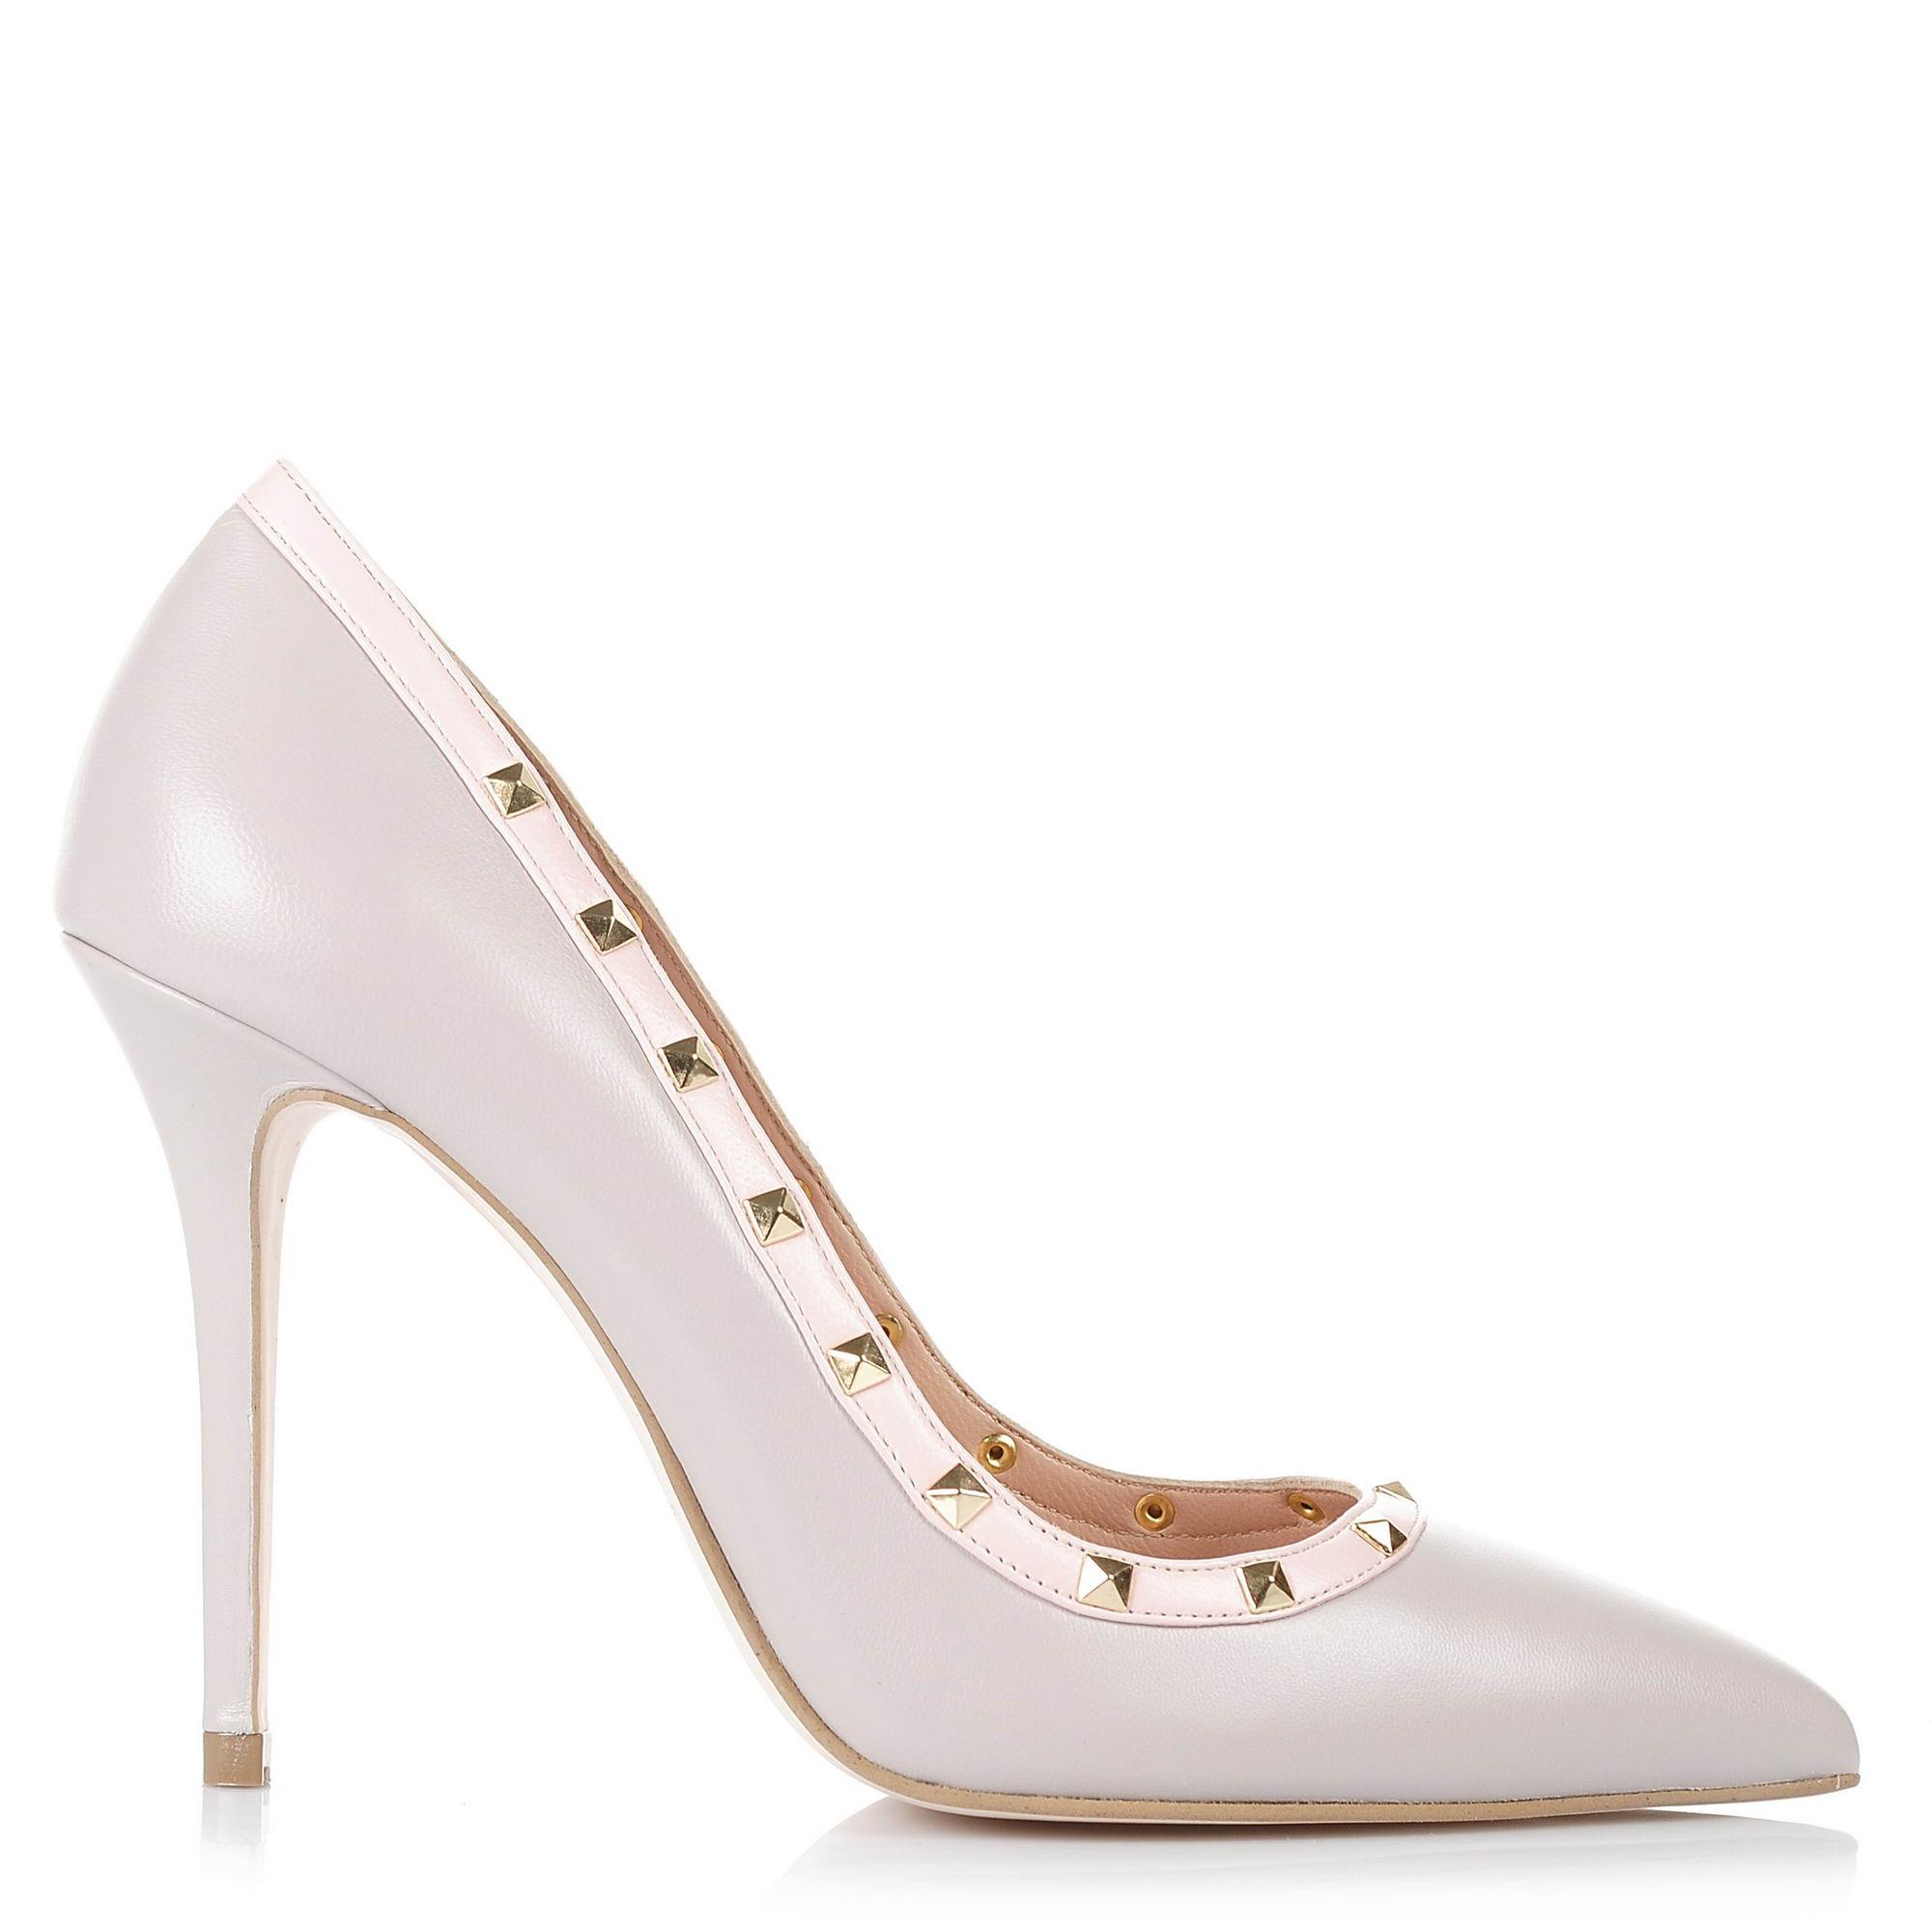 Δερμάτινες Γόβες Mourtzi 10/100474 γυναικα   γυναικείο παπούτσι